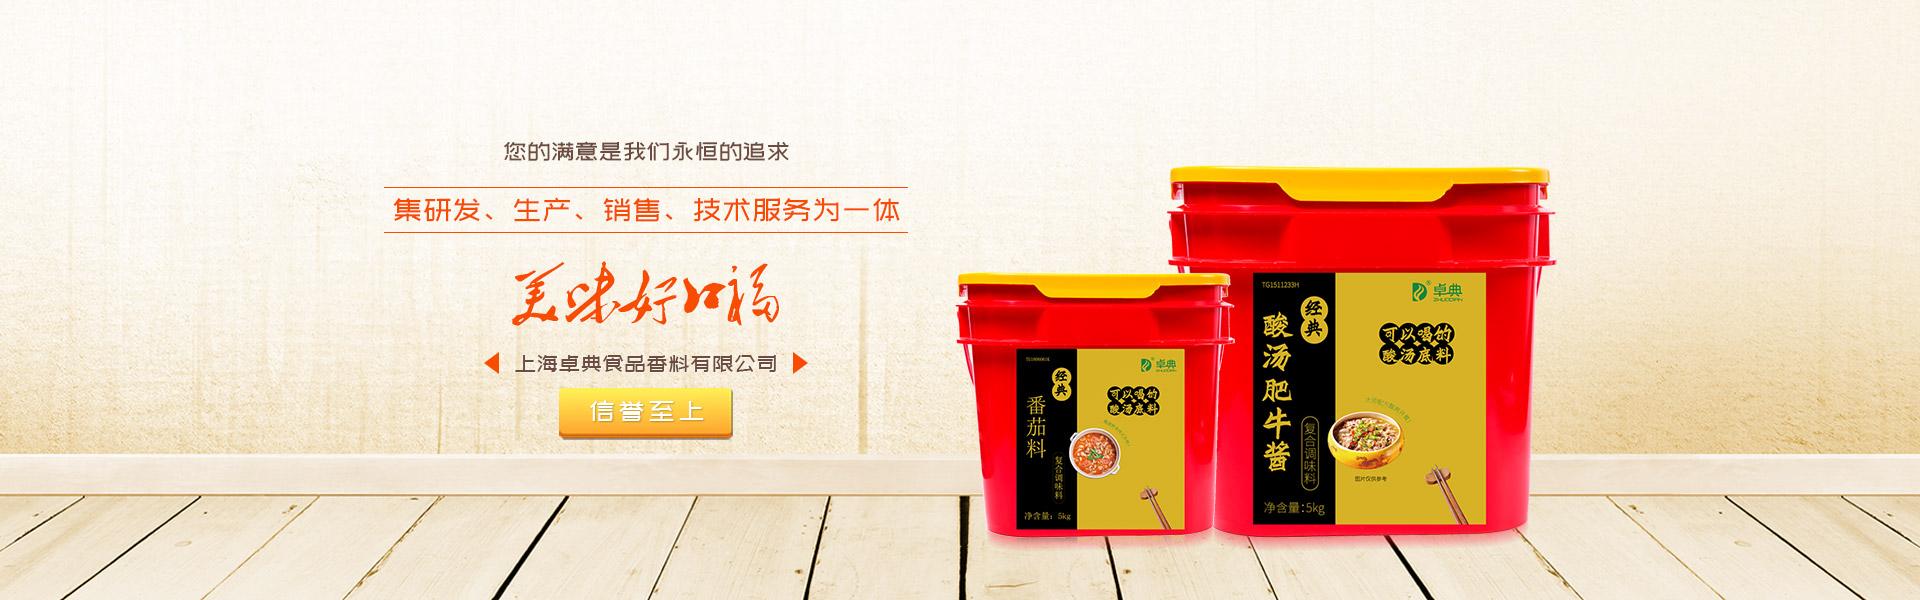 上海bob食品香料有限公司